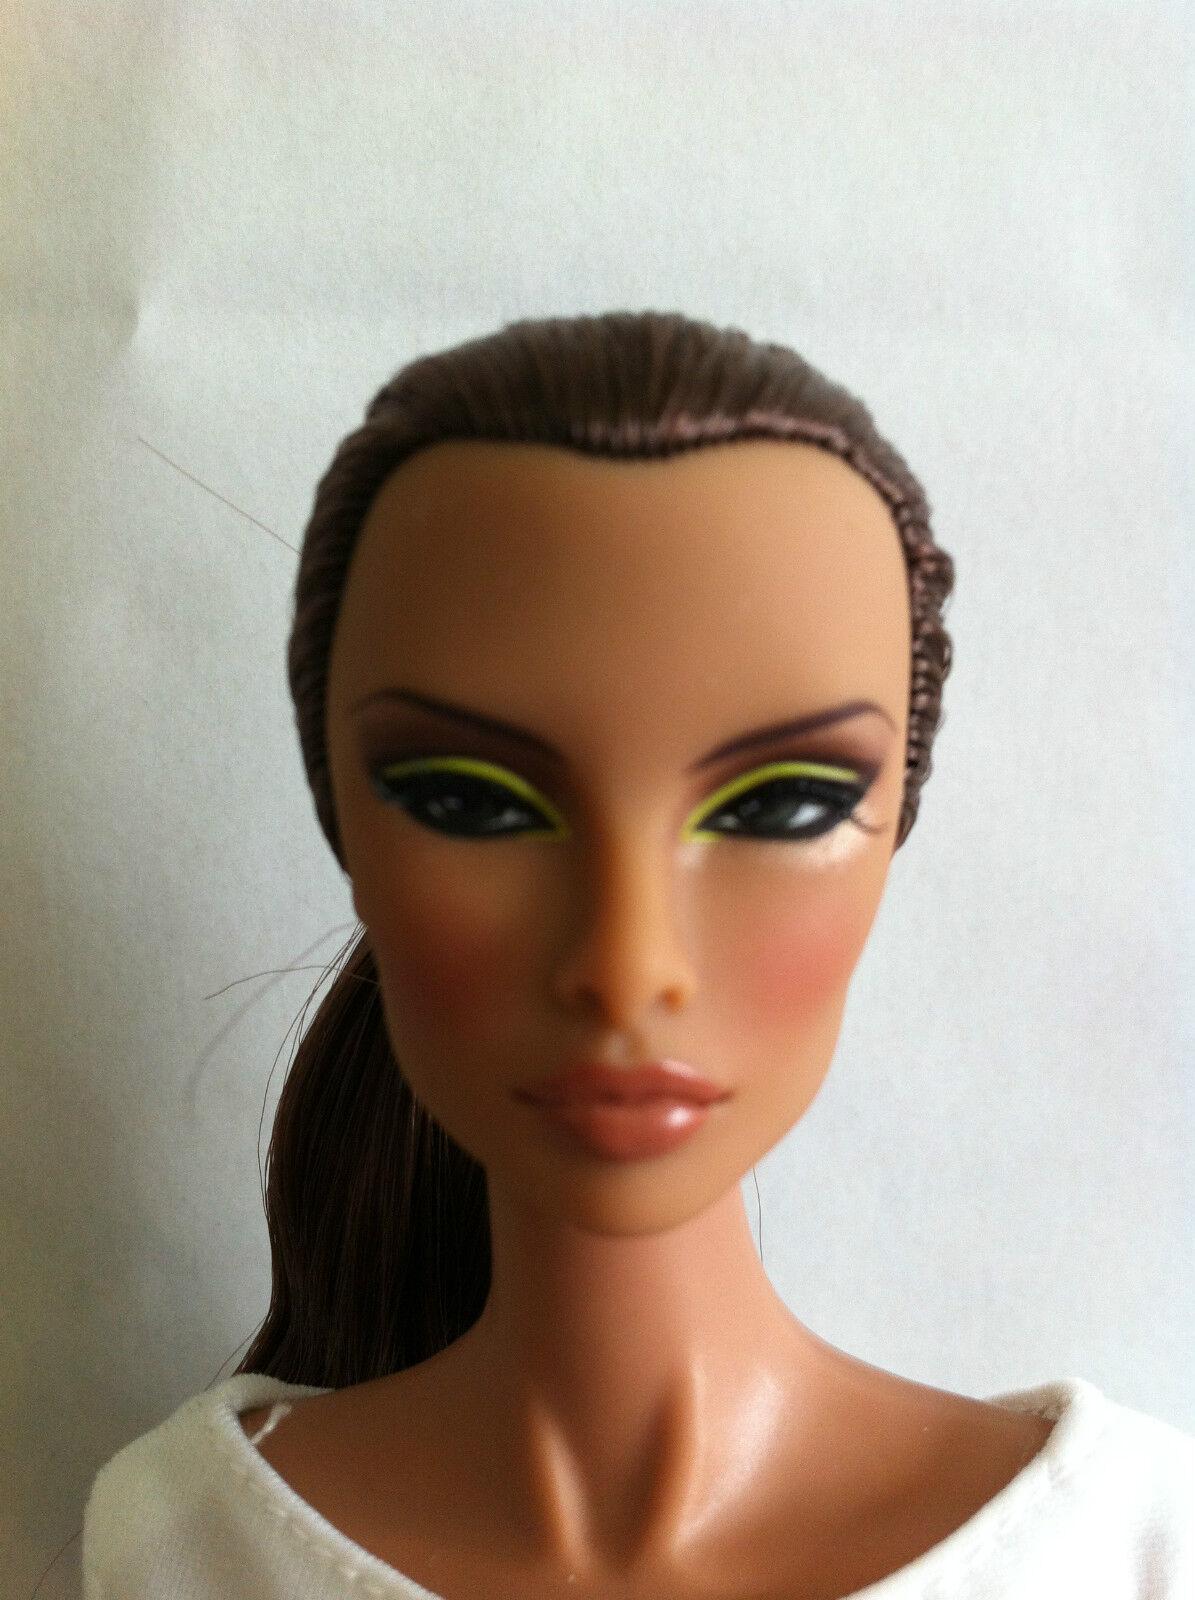 Fashion Royalty Natalia Fatale  / unbespielt / bekleidet